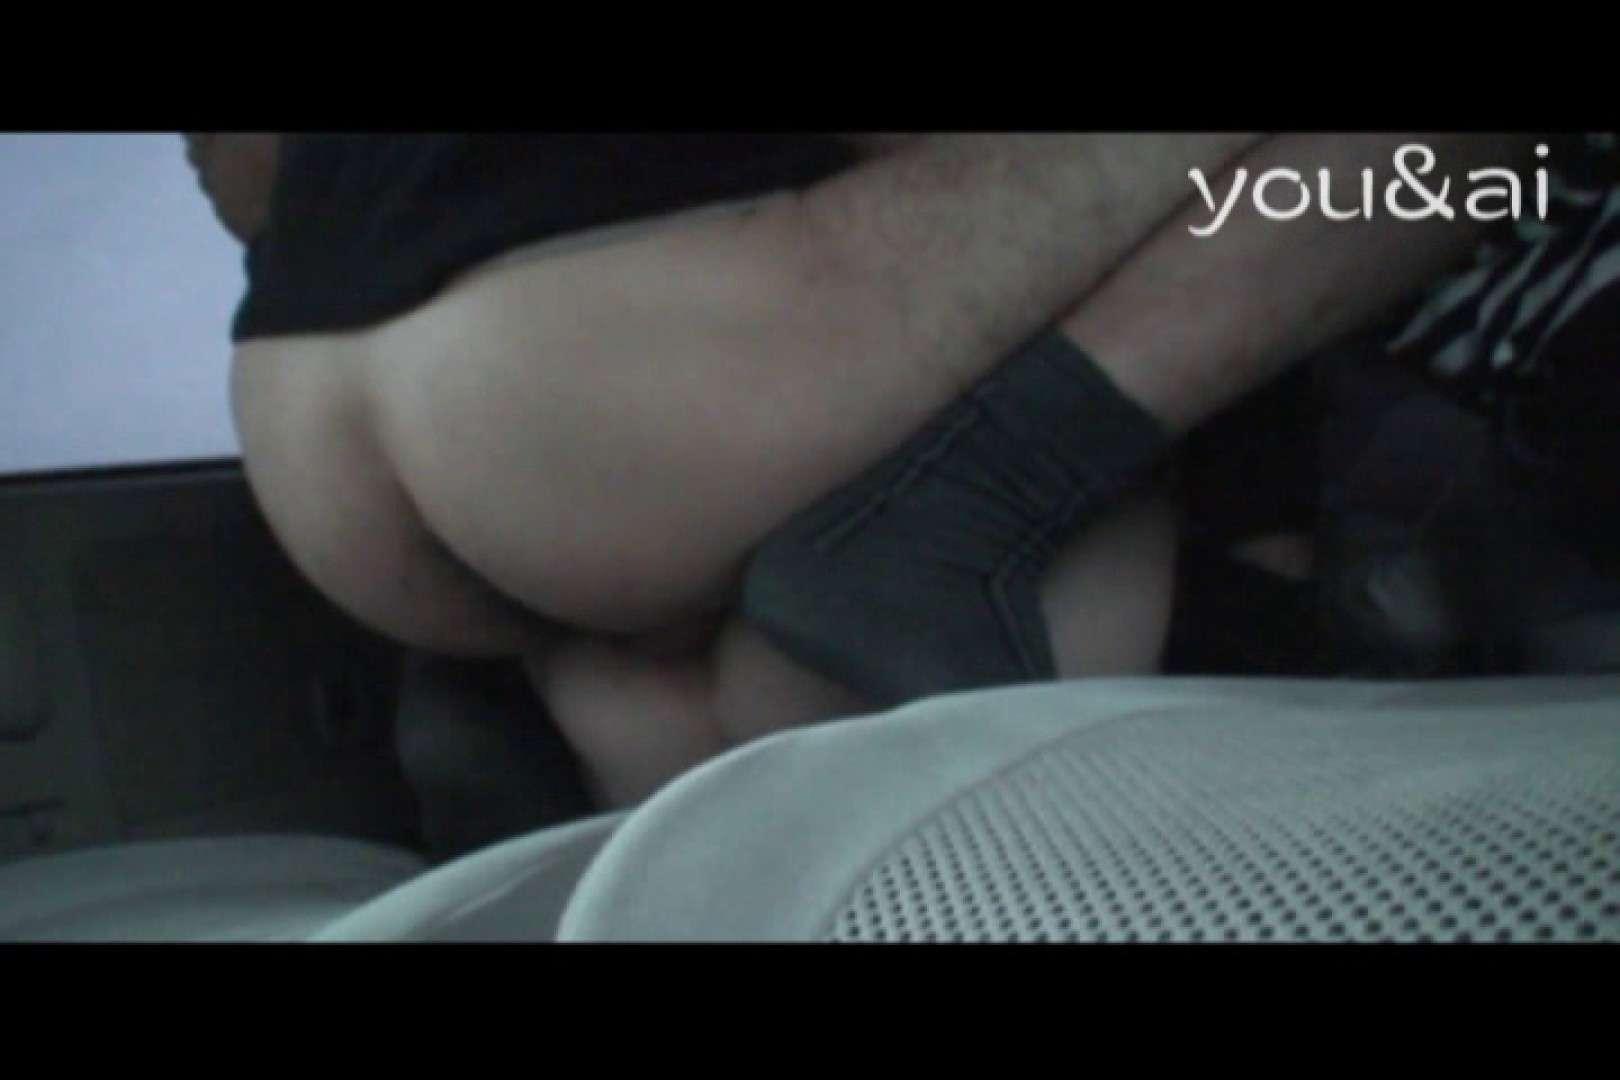 おしどり夫婦のyou&aiさん投稿作品vol.8 投稿 | 車  76連発 67